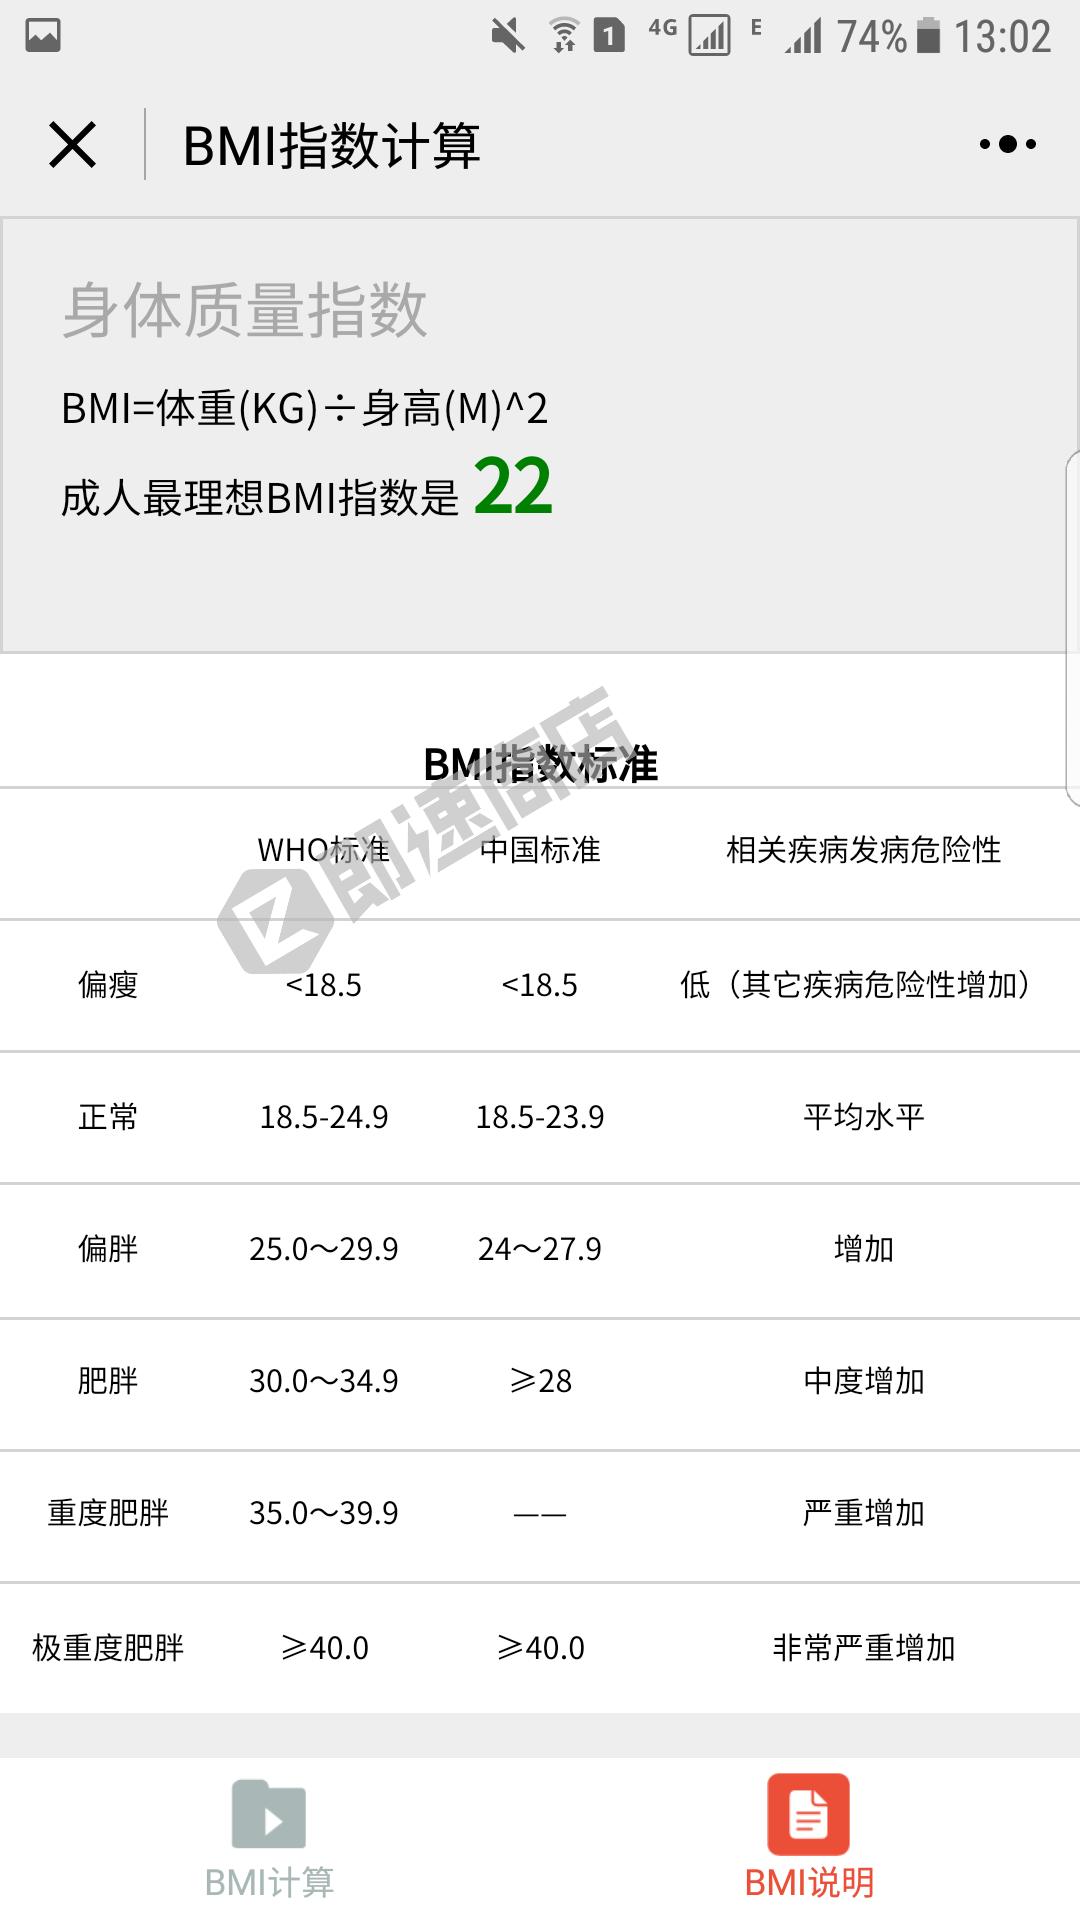 BMI指数计算小程序首页截图